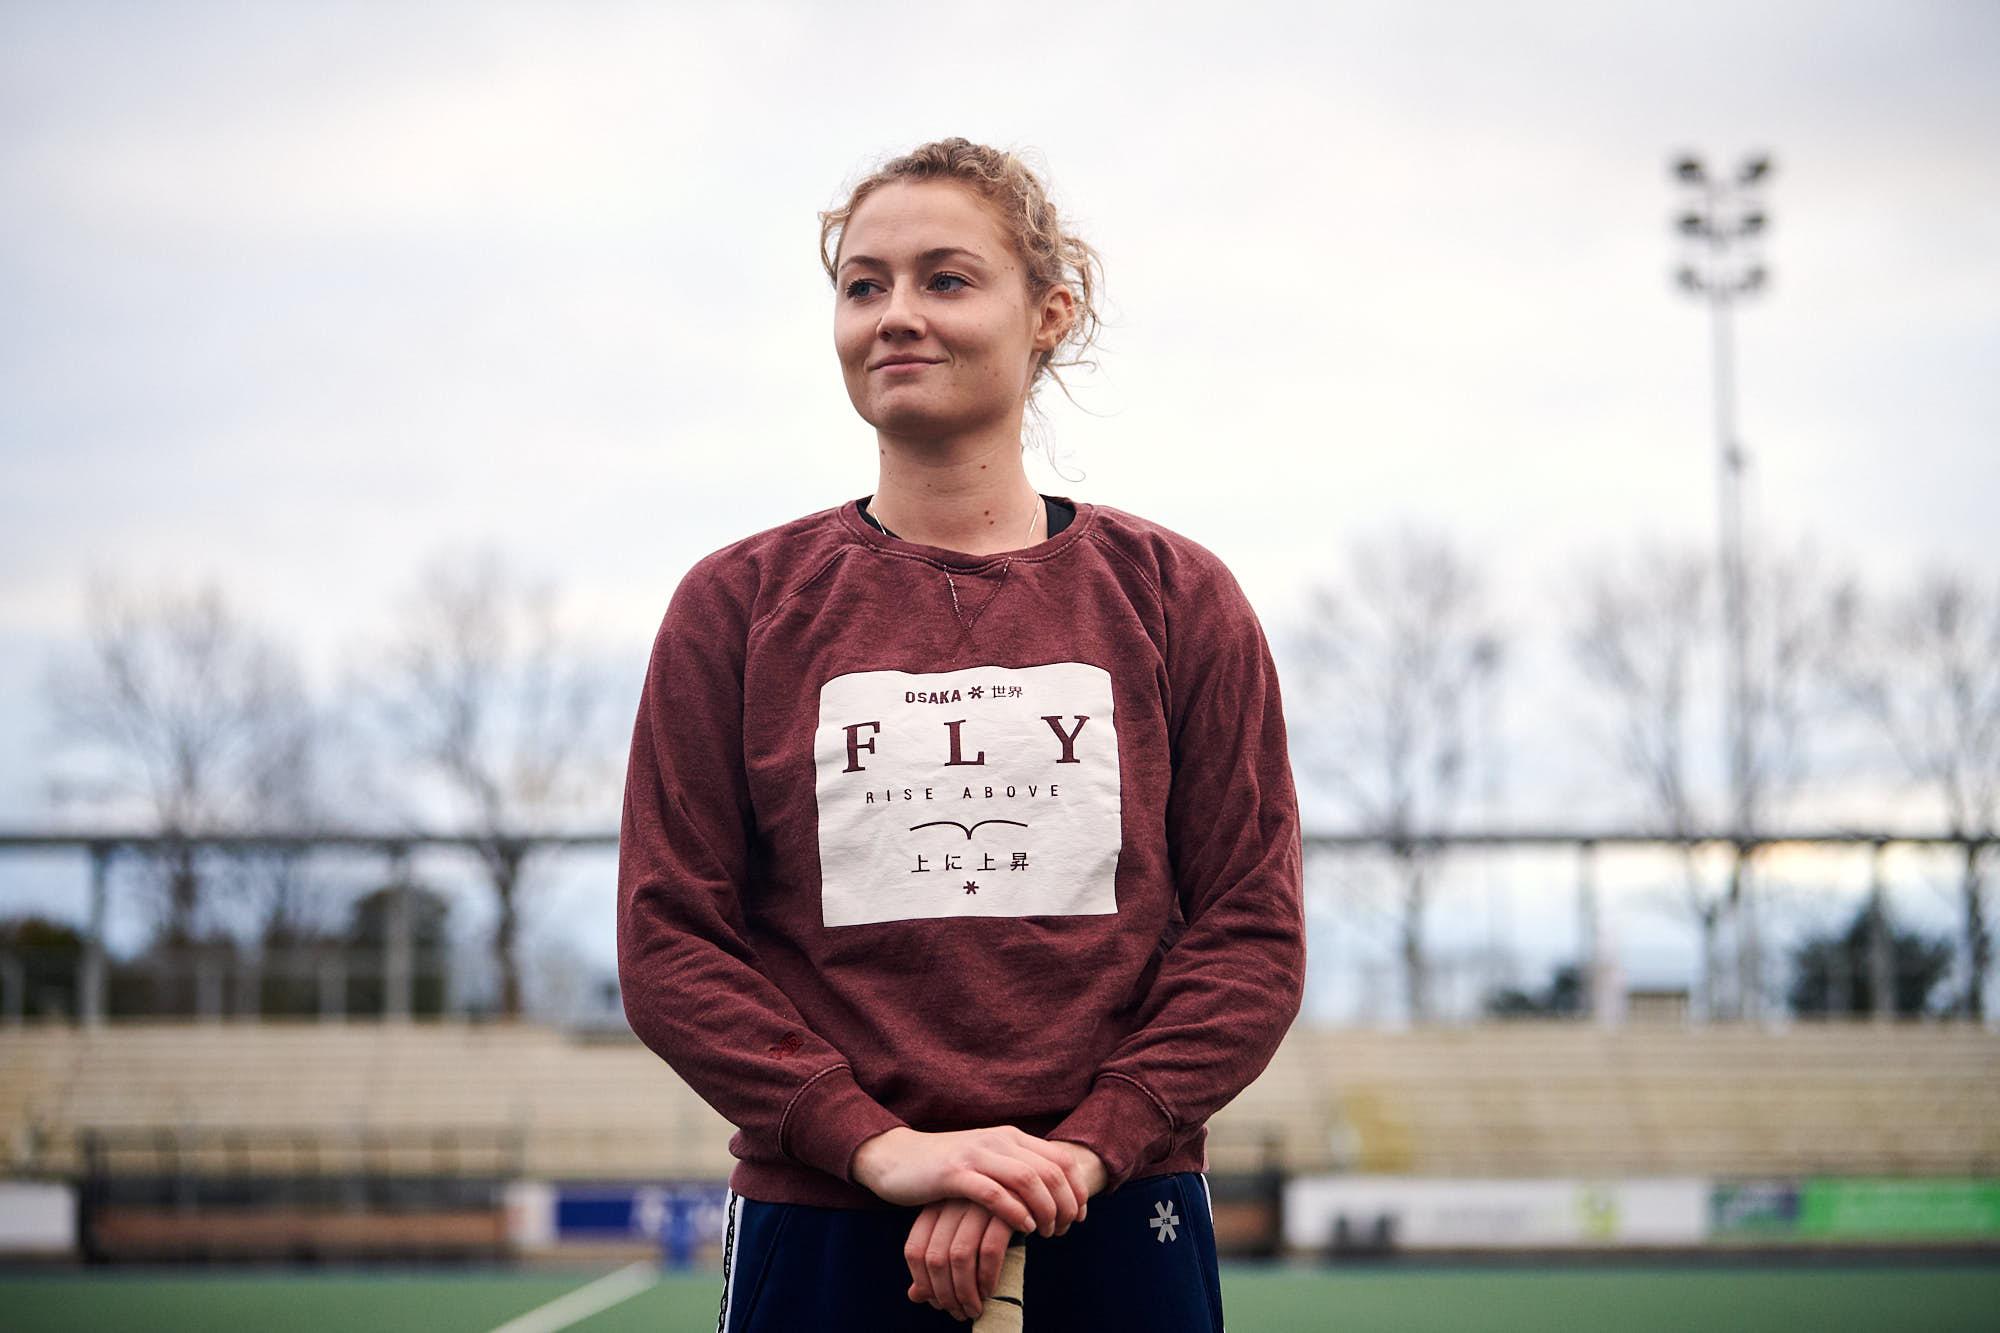 Dutch hockey player Marijn Veen